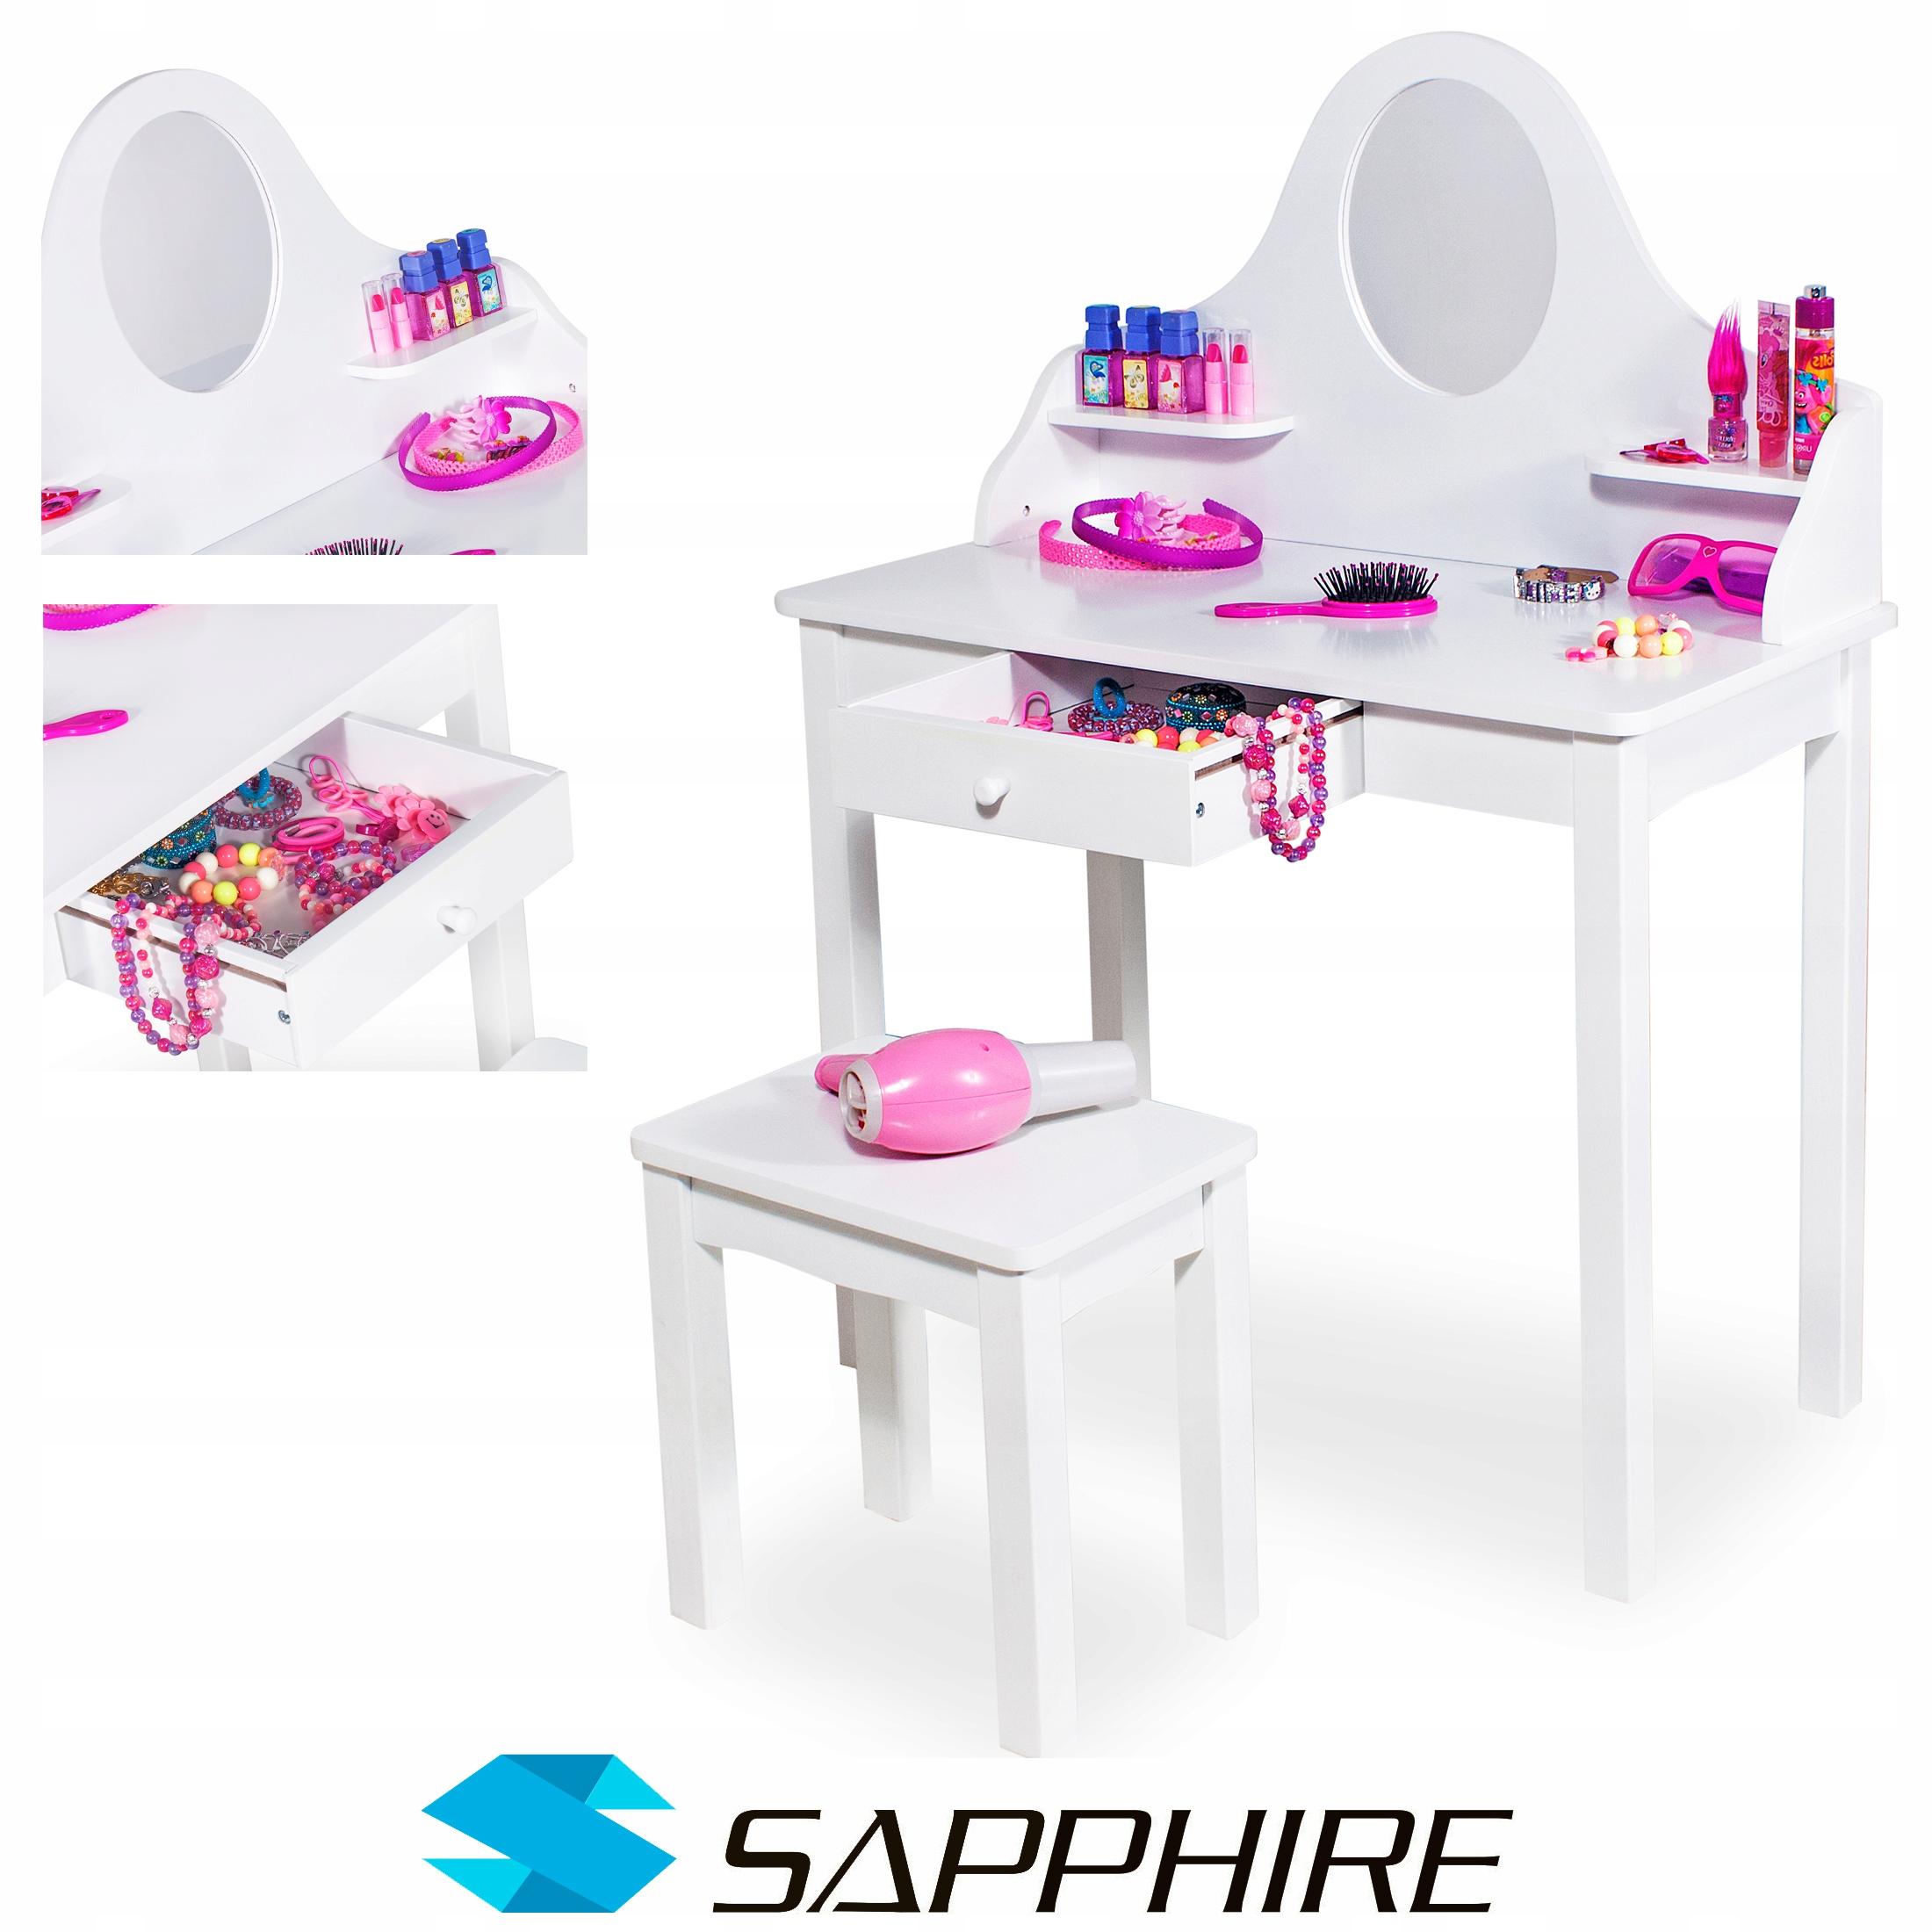 Biała Toaletka Sapphire Dla Dziewczynki Drewniana 7667714630